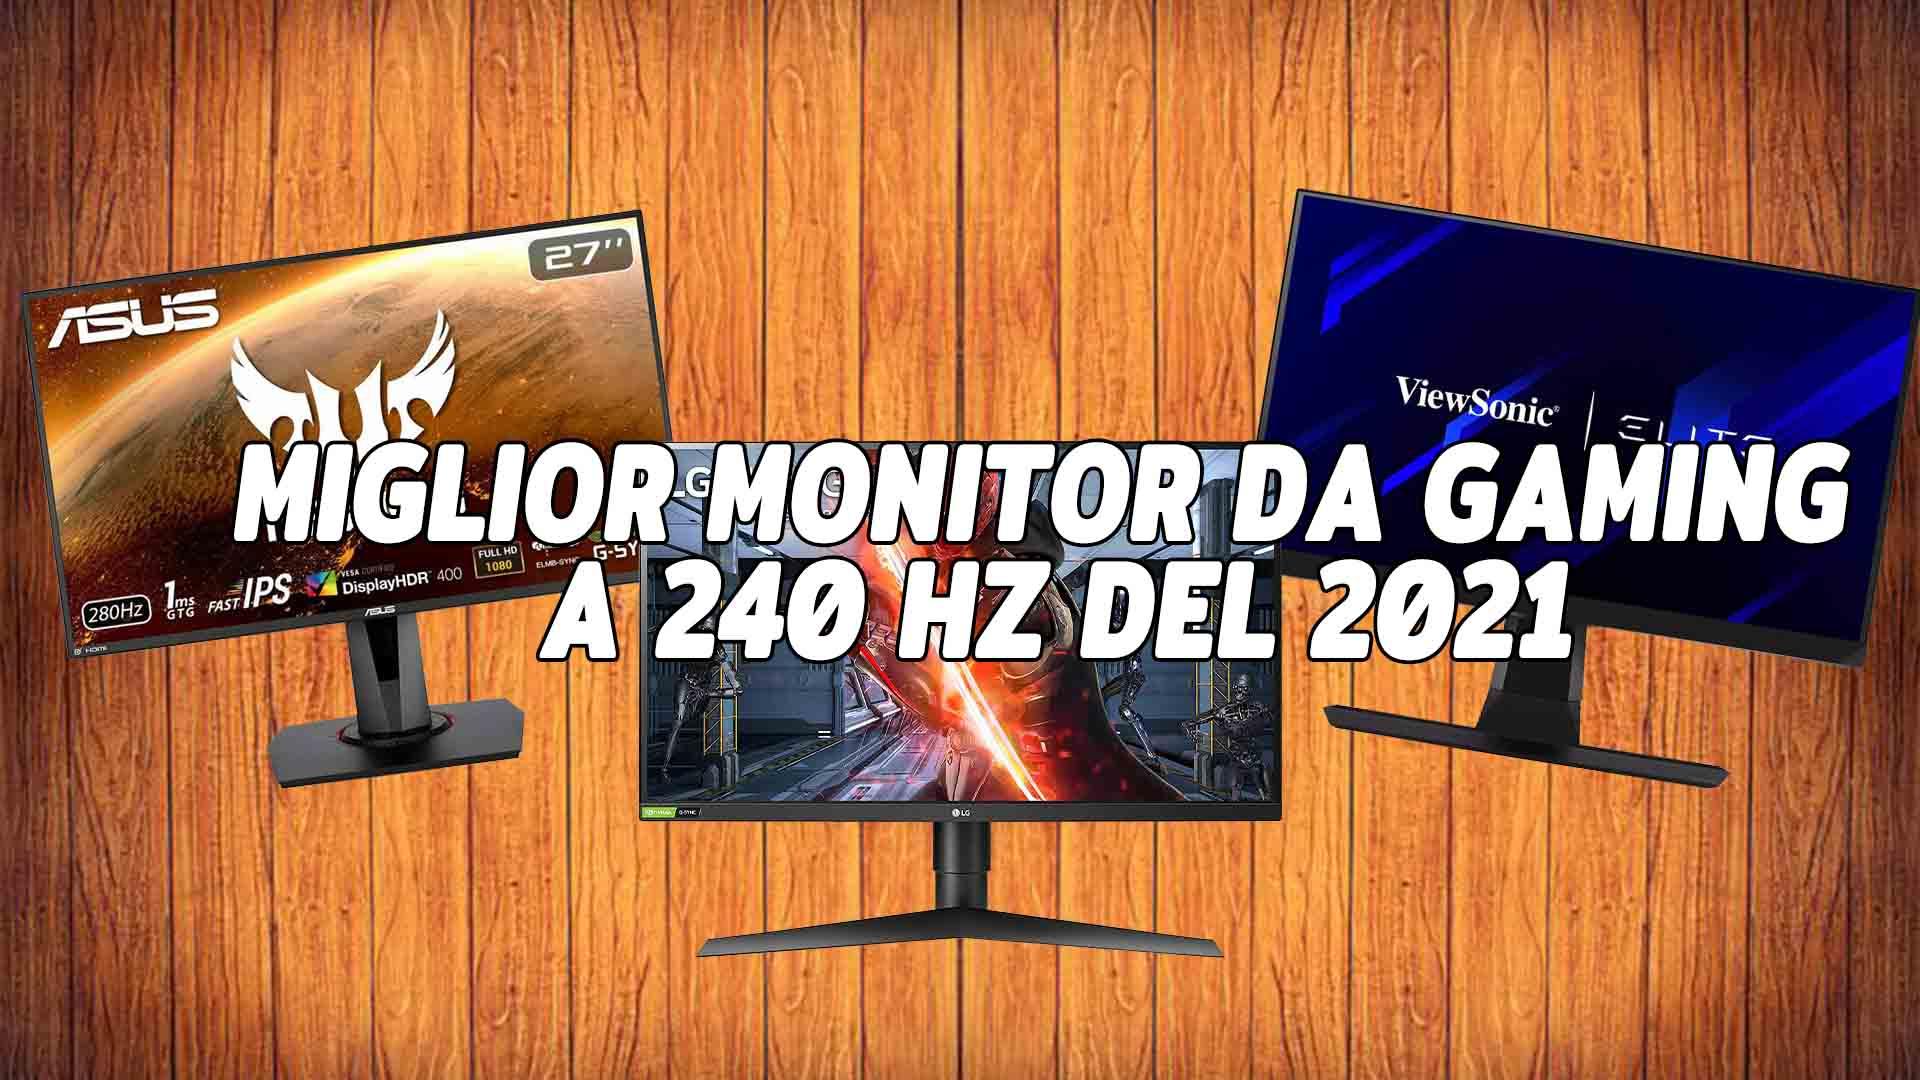 Miglior monitor da gaming a 240 Hz del 2021: